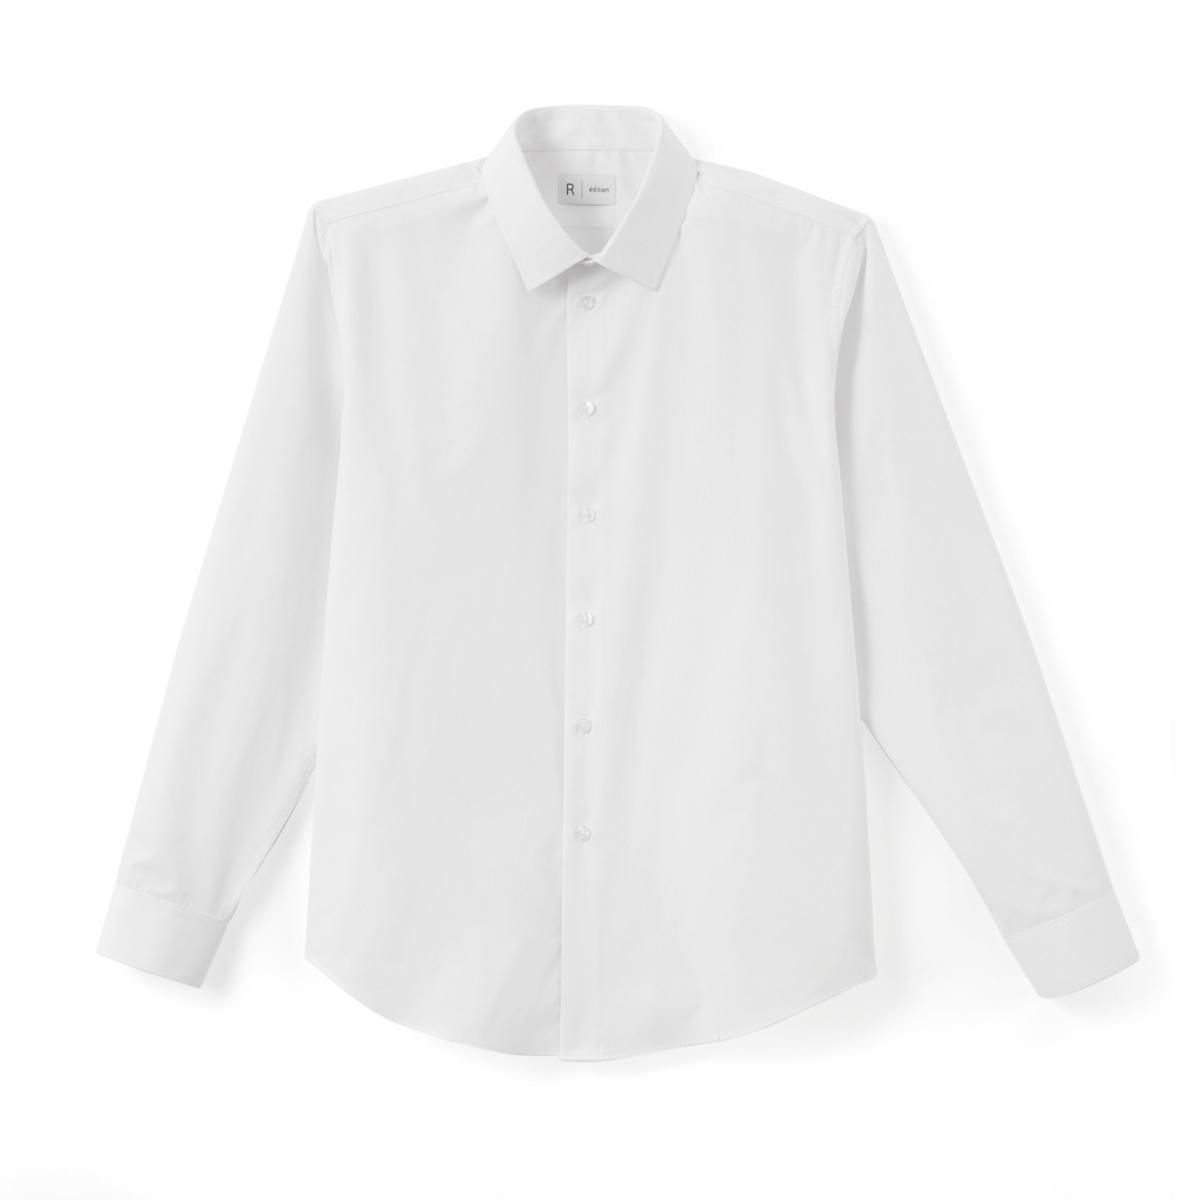 Рубашка прямого покрояРубашка с длинными рукавами. Стандартный (прямой) покрой. Классический воротник со свободными кончиками. Легкая глажка.Состав и описание : Материал          55% хлопка, 45% полиэстераДлина       78 см Марка          R edition Уход: :Машинная стирка при 30° на деликатном режиме с вещами подобного цвета Стирка и глажка с изнаночной стороныСухая чистка и машинная сушка запрещеныГладить на низкой температуре<br><br>Цвет: белый,небесно-голубой,серый,синий морской,черный<br>Размер: 47/48.45/46.41/42.39/40.37/38.35/36.43/44.41/42.35/36.43/44.39/40.47/48.45/46.43/44.41/42.39/40.47/48.43/44.41/42.39/40.41/42